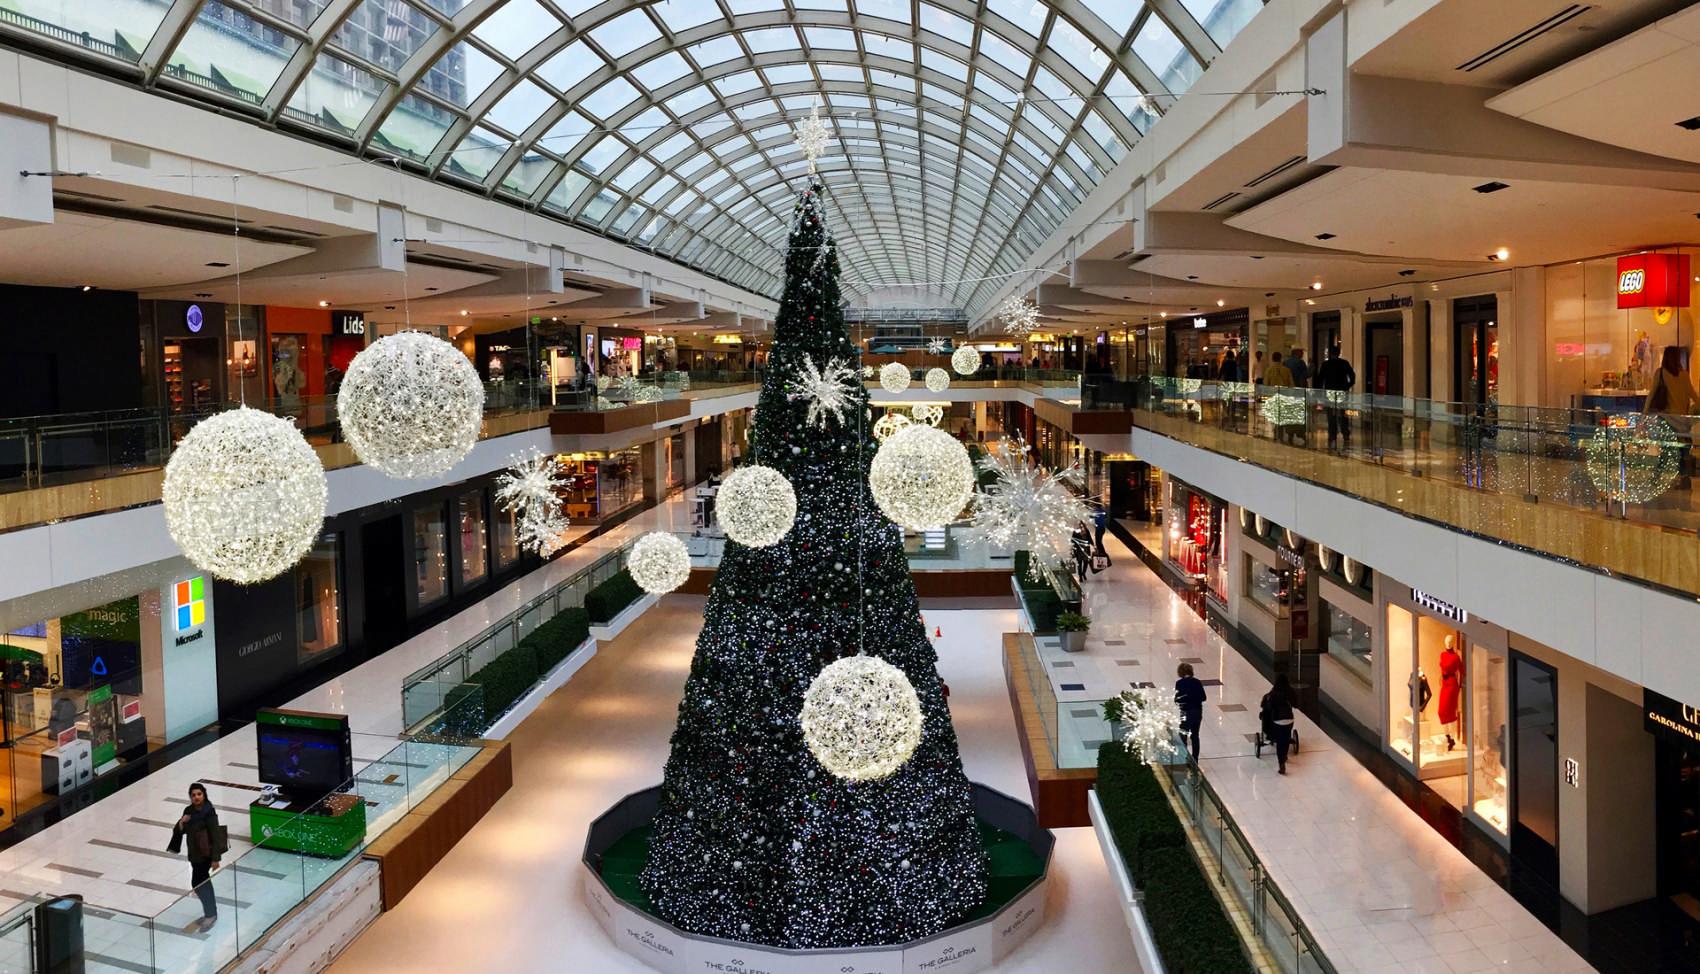 Galerie eines Shoppingcenters mit Weihnachtsdekoration geschmückt